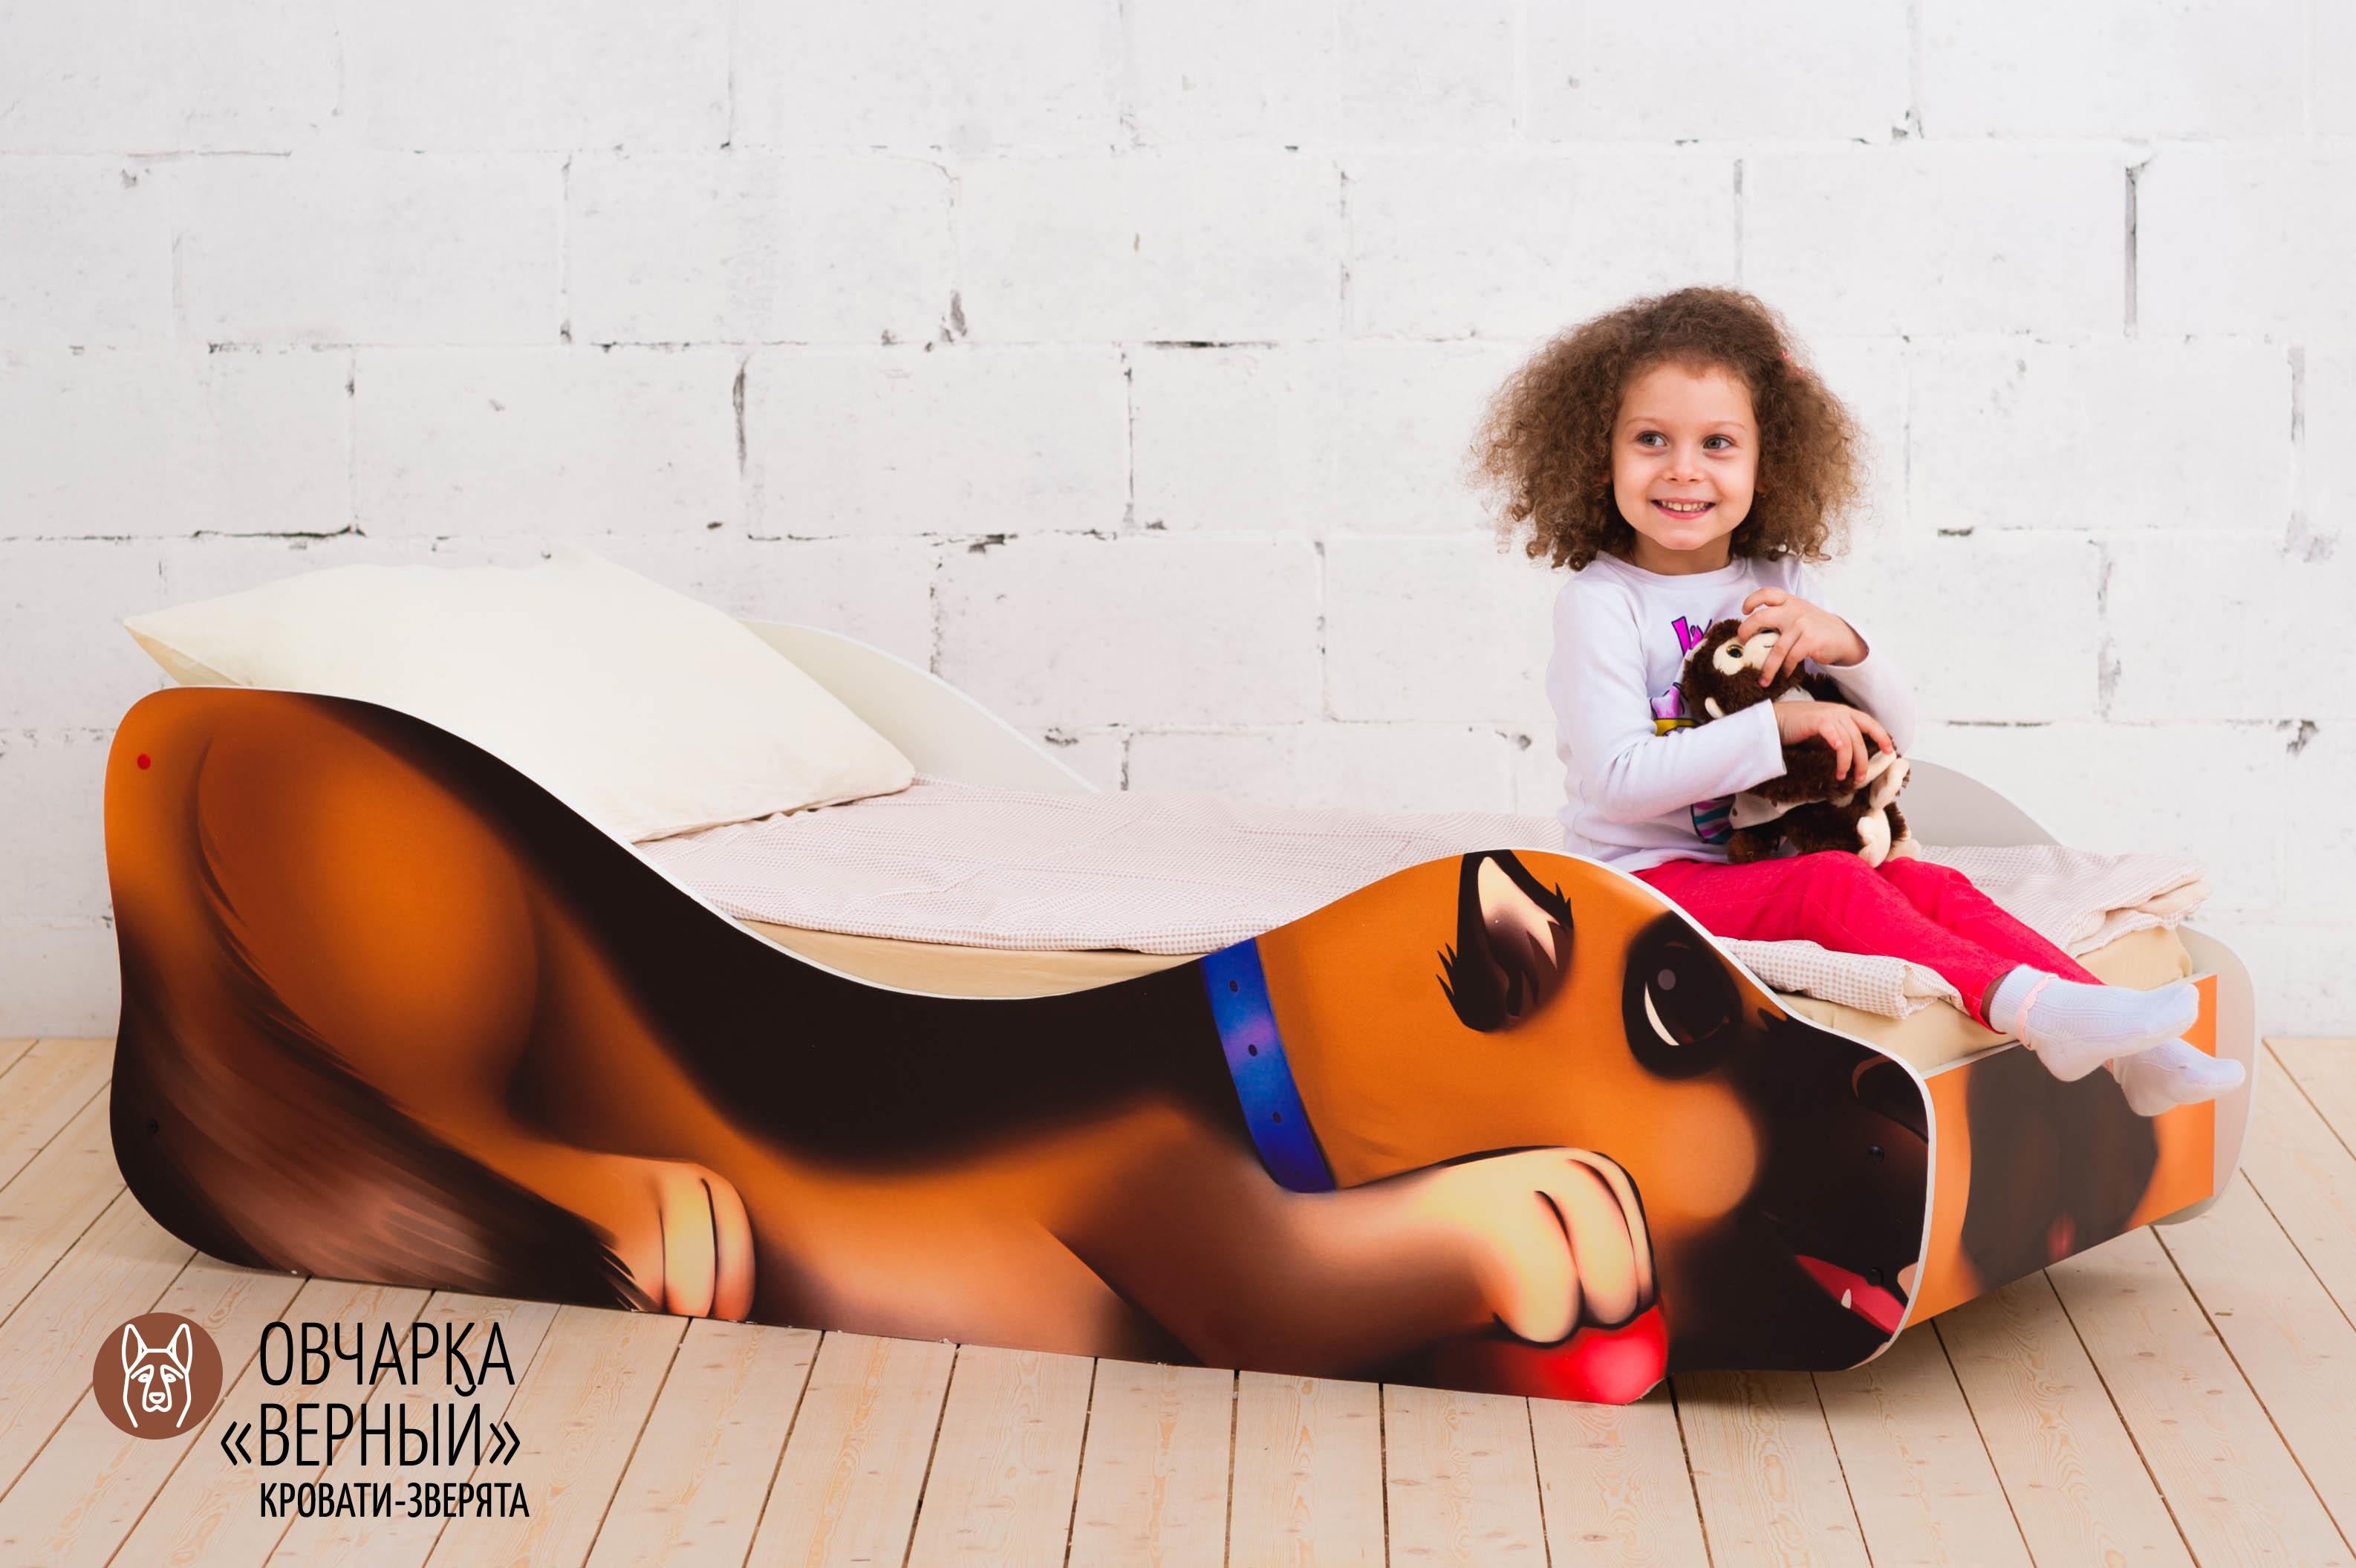 Детская кровать-зверенок -Овчарка-Верный-3